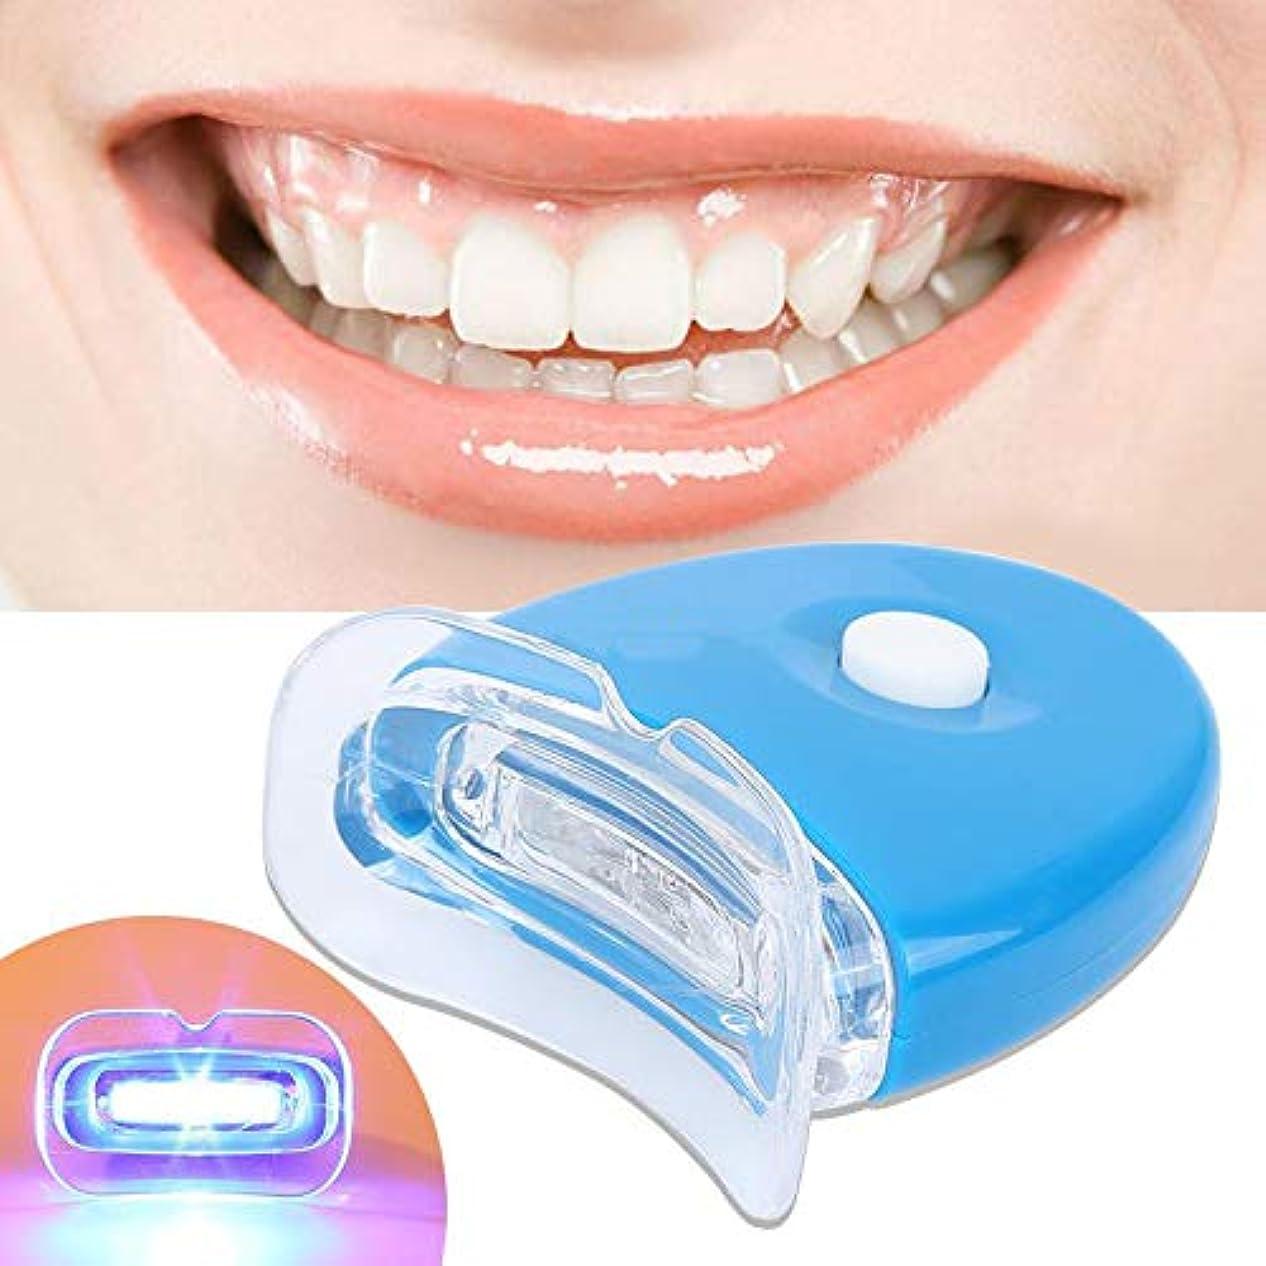 仮定残忍なに同意する歯をホワイトニングジェルLEDホワイトライトスマイル歯の口歯科ホワイトナー健康のためのオフィスホームティーン